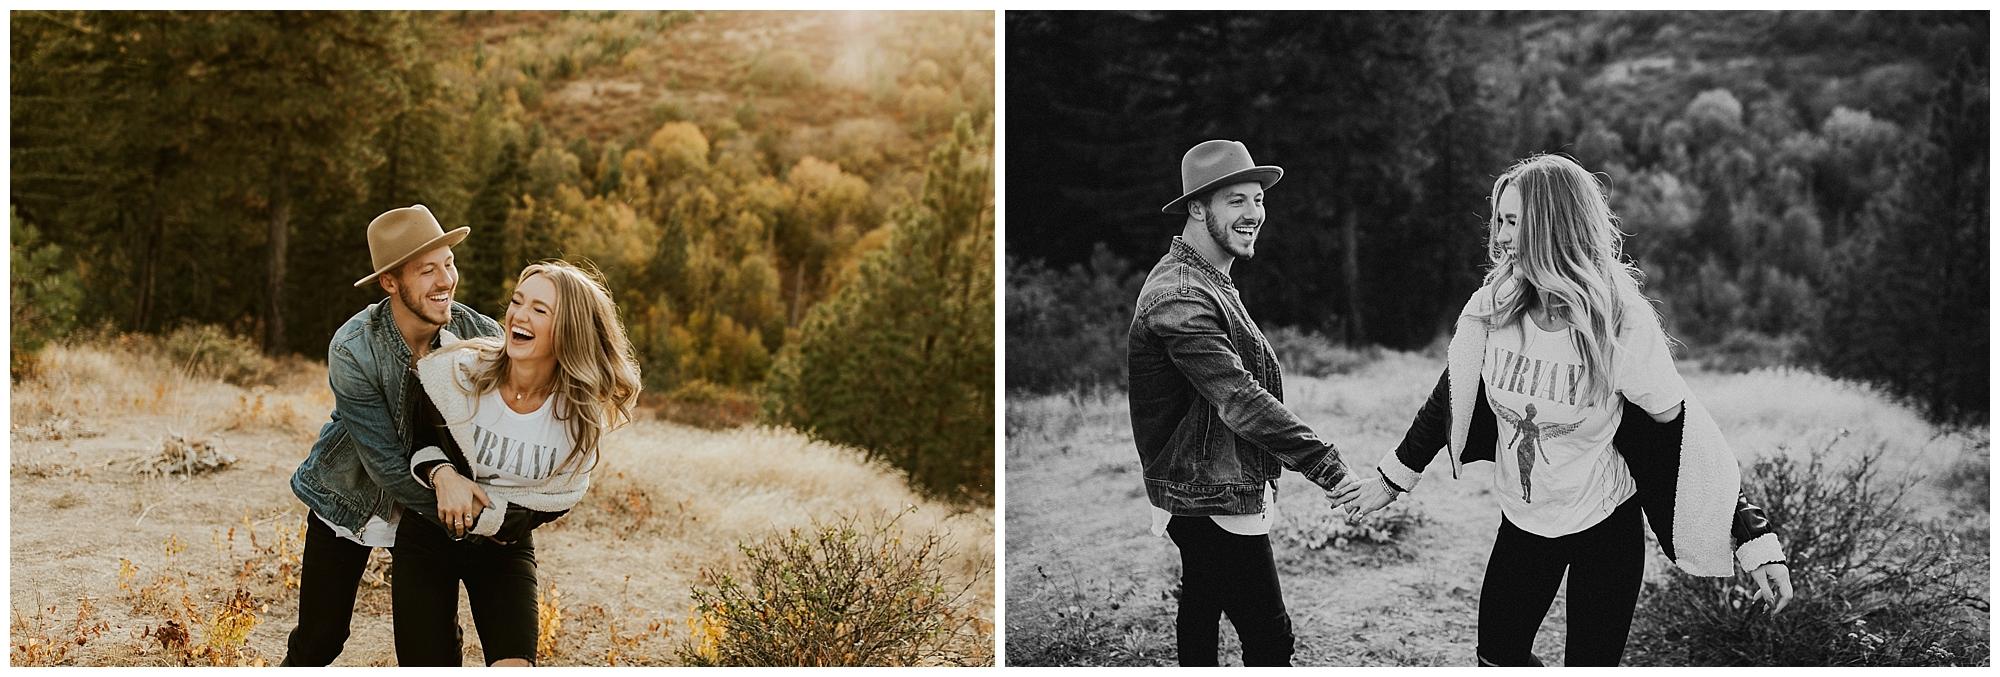 Spokane Cassie Trottier Photography_3121.jpg